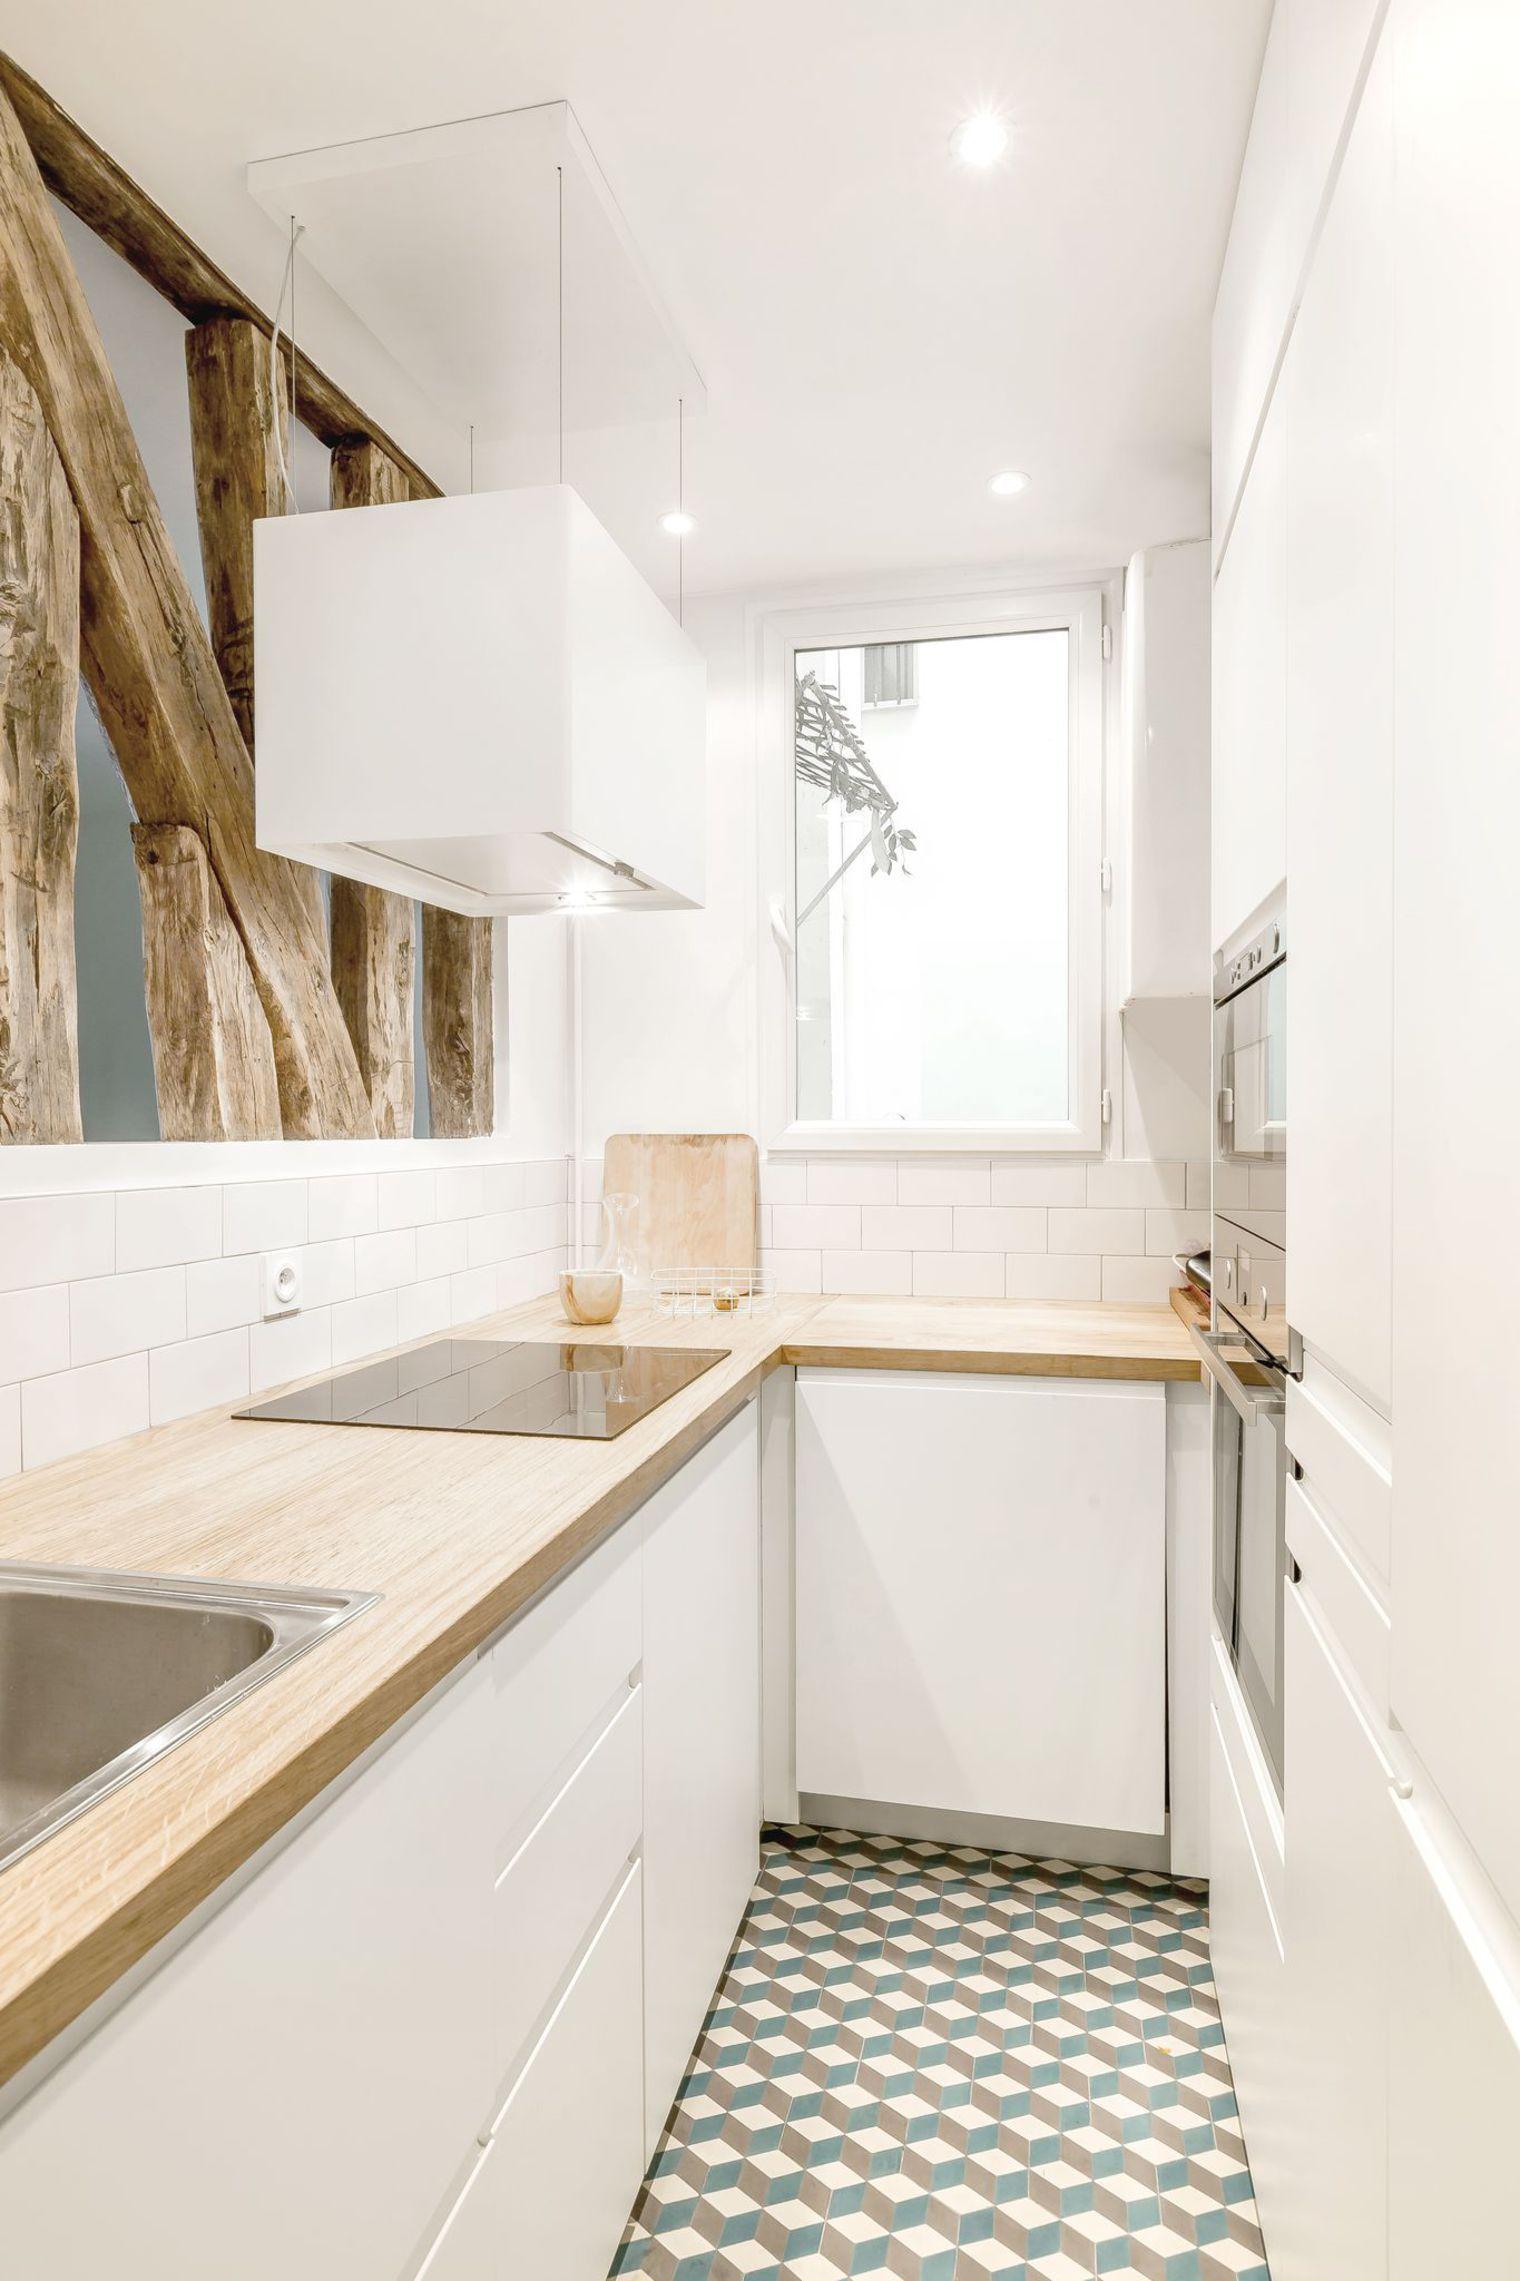 Place aux poutres paris interior ideas cuisine am nag e cuisine troite et appartement paris - Maison de la hongrie paris ...